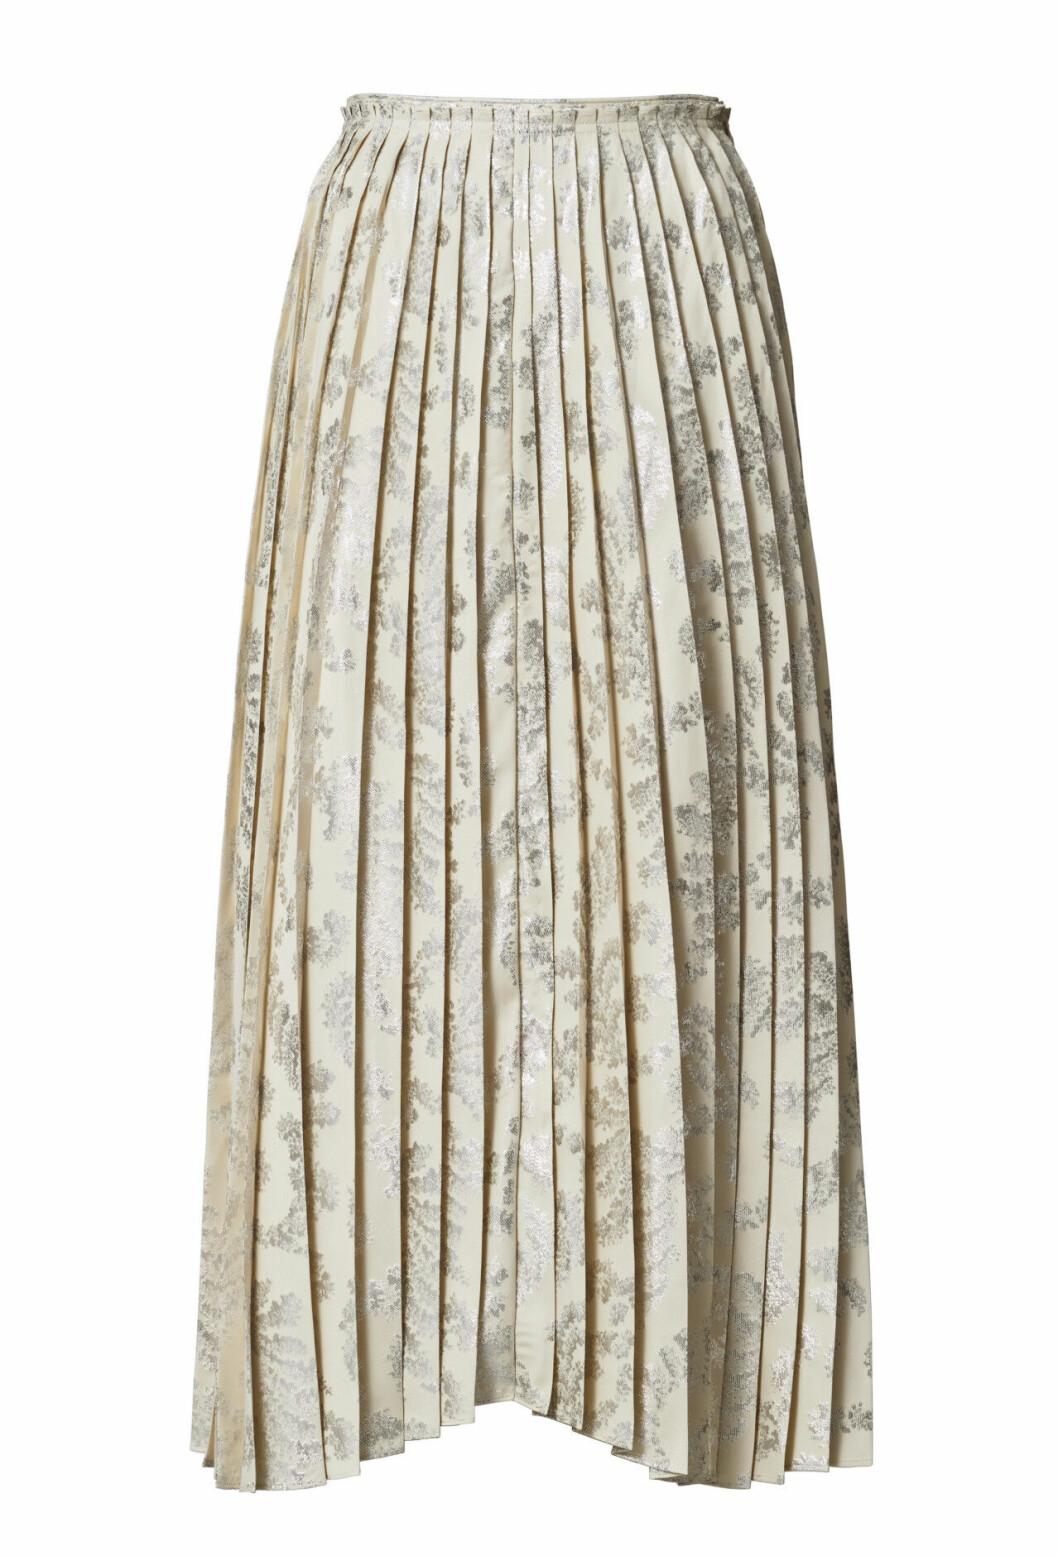 H&M Conscious Exclusive 2019 plisserad kjol